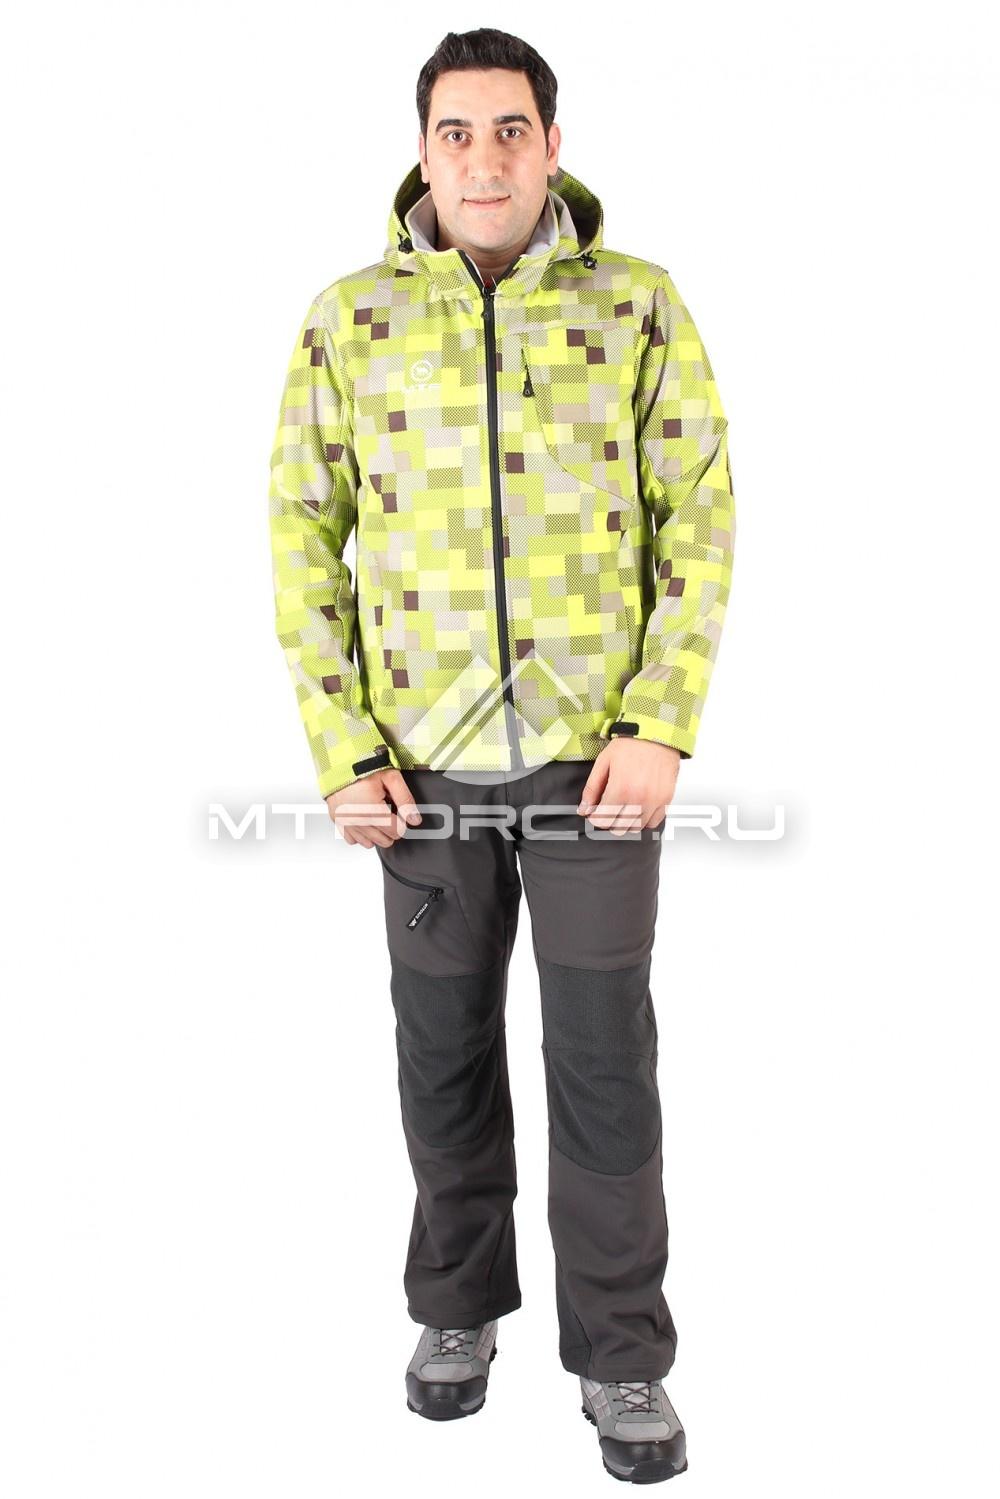 Купить                                  оптом Костюм виндстопер мужской желтого цвета 15220Sl в Санкт-Петербурге